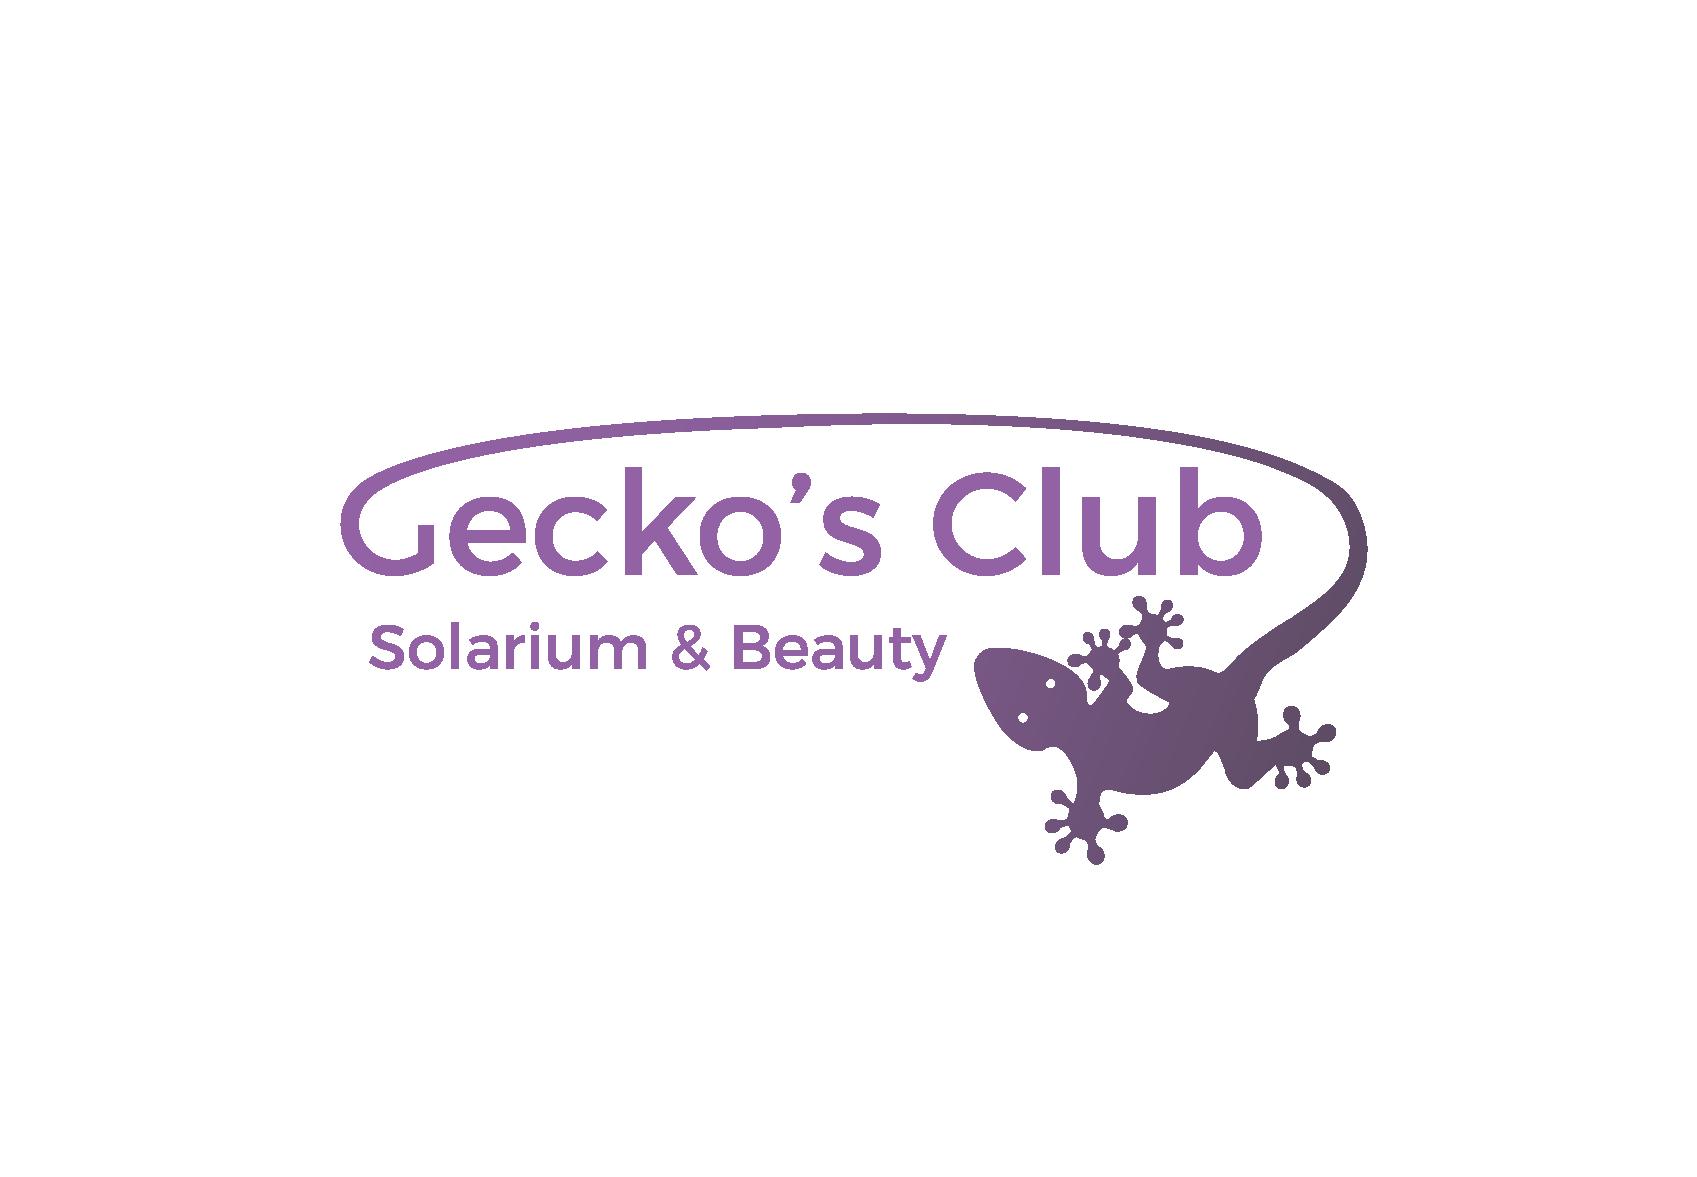 Gecko's Club